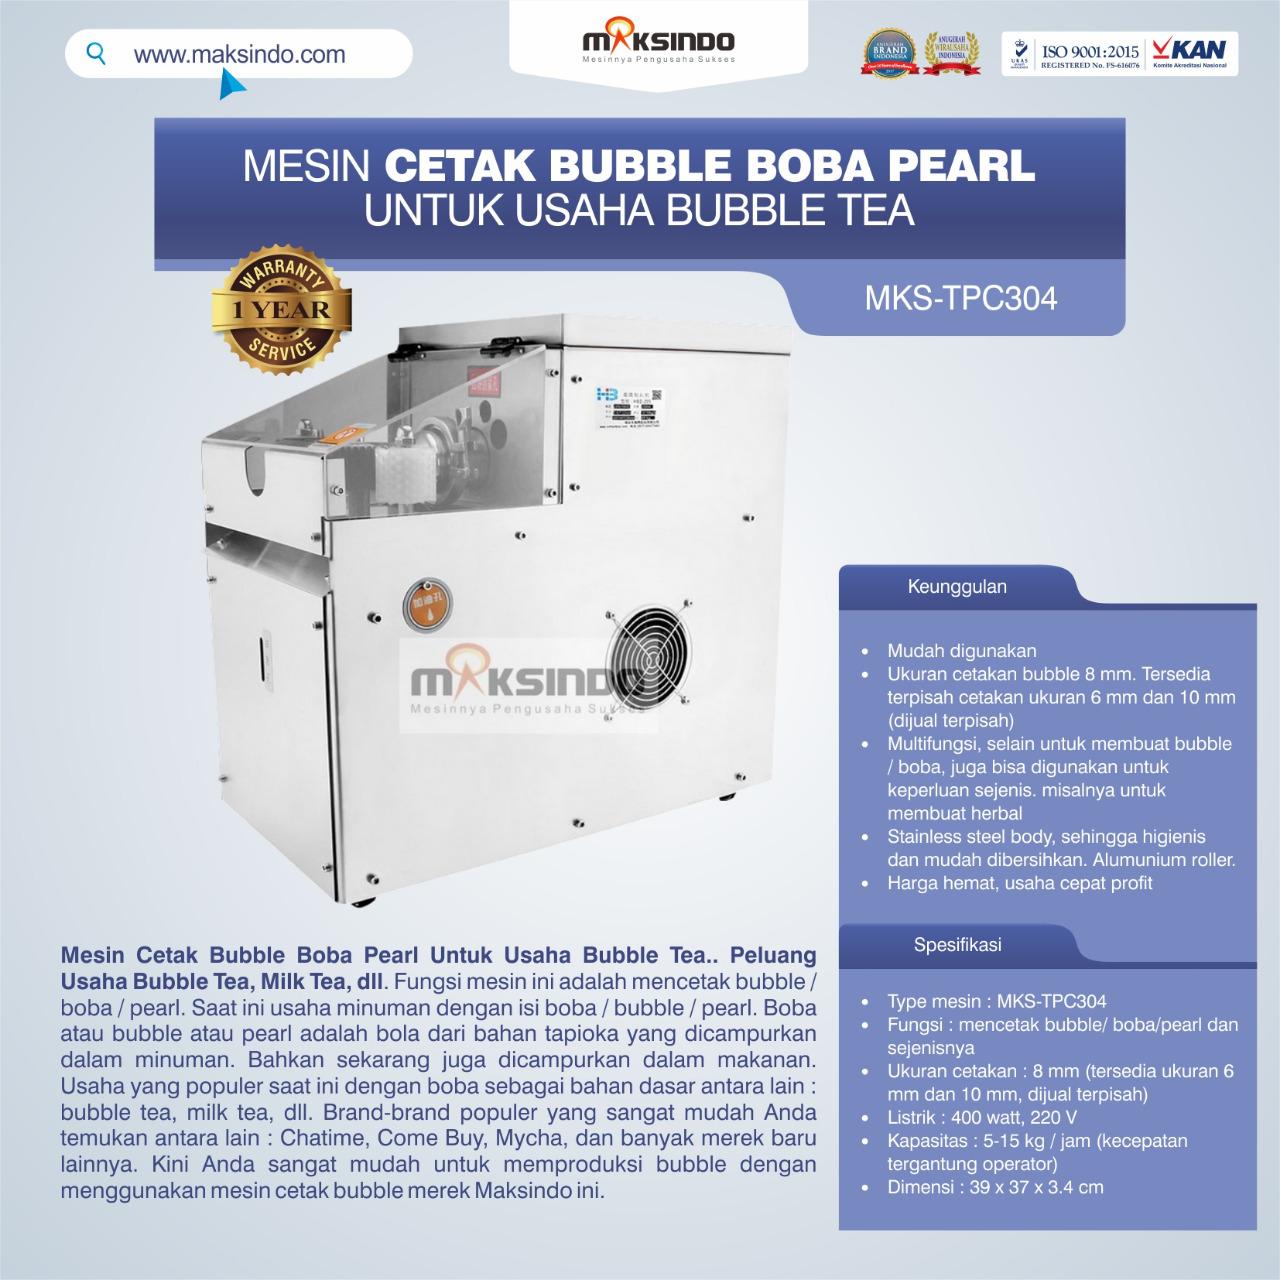 Jual Mesin Cetak Bubble Boba Pearl Untuk Usaha Bubble Tea di Bandung